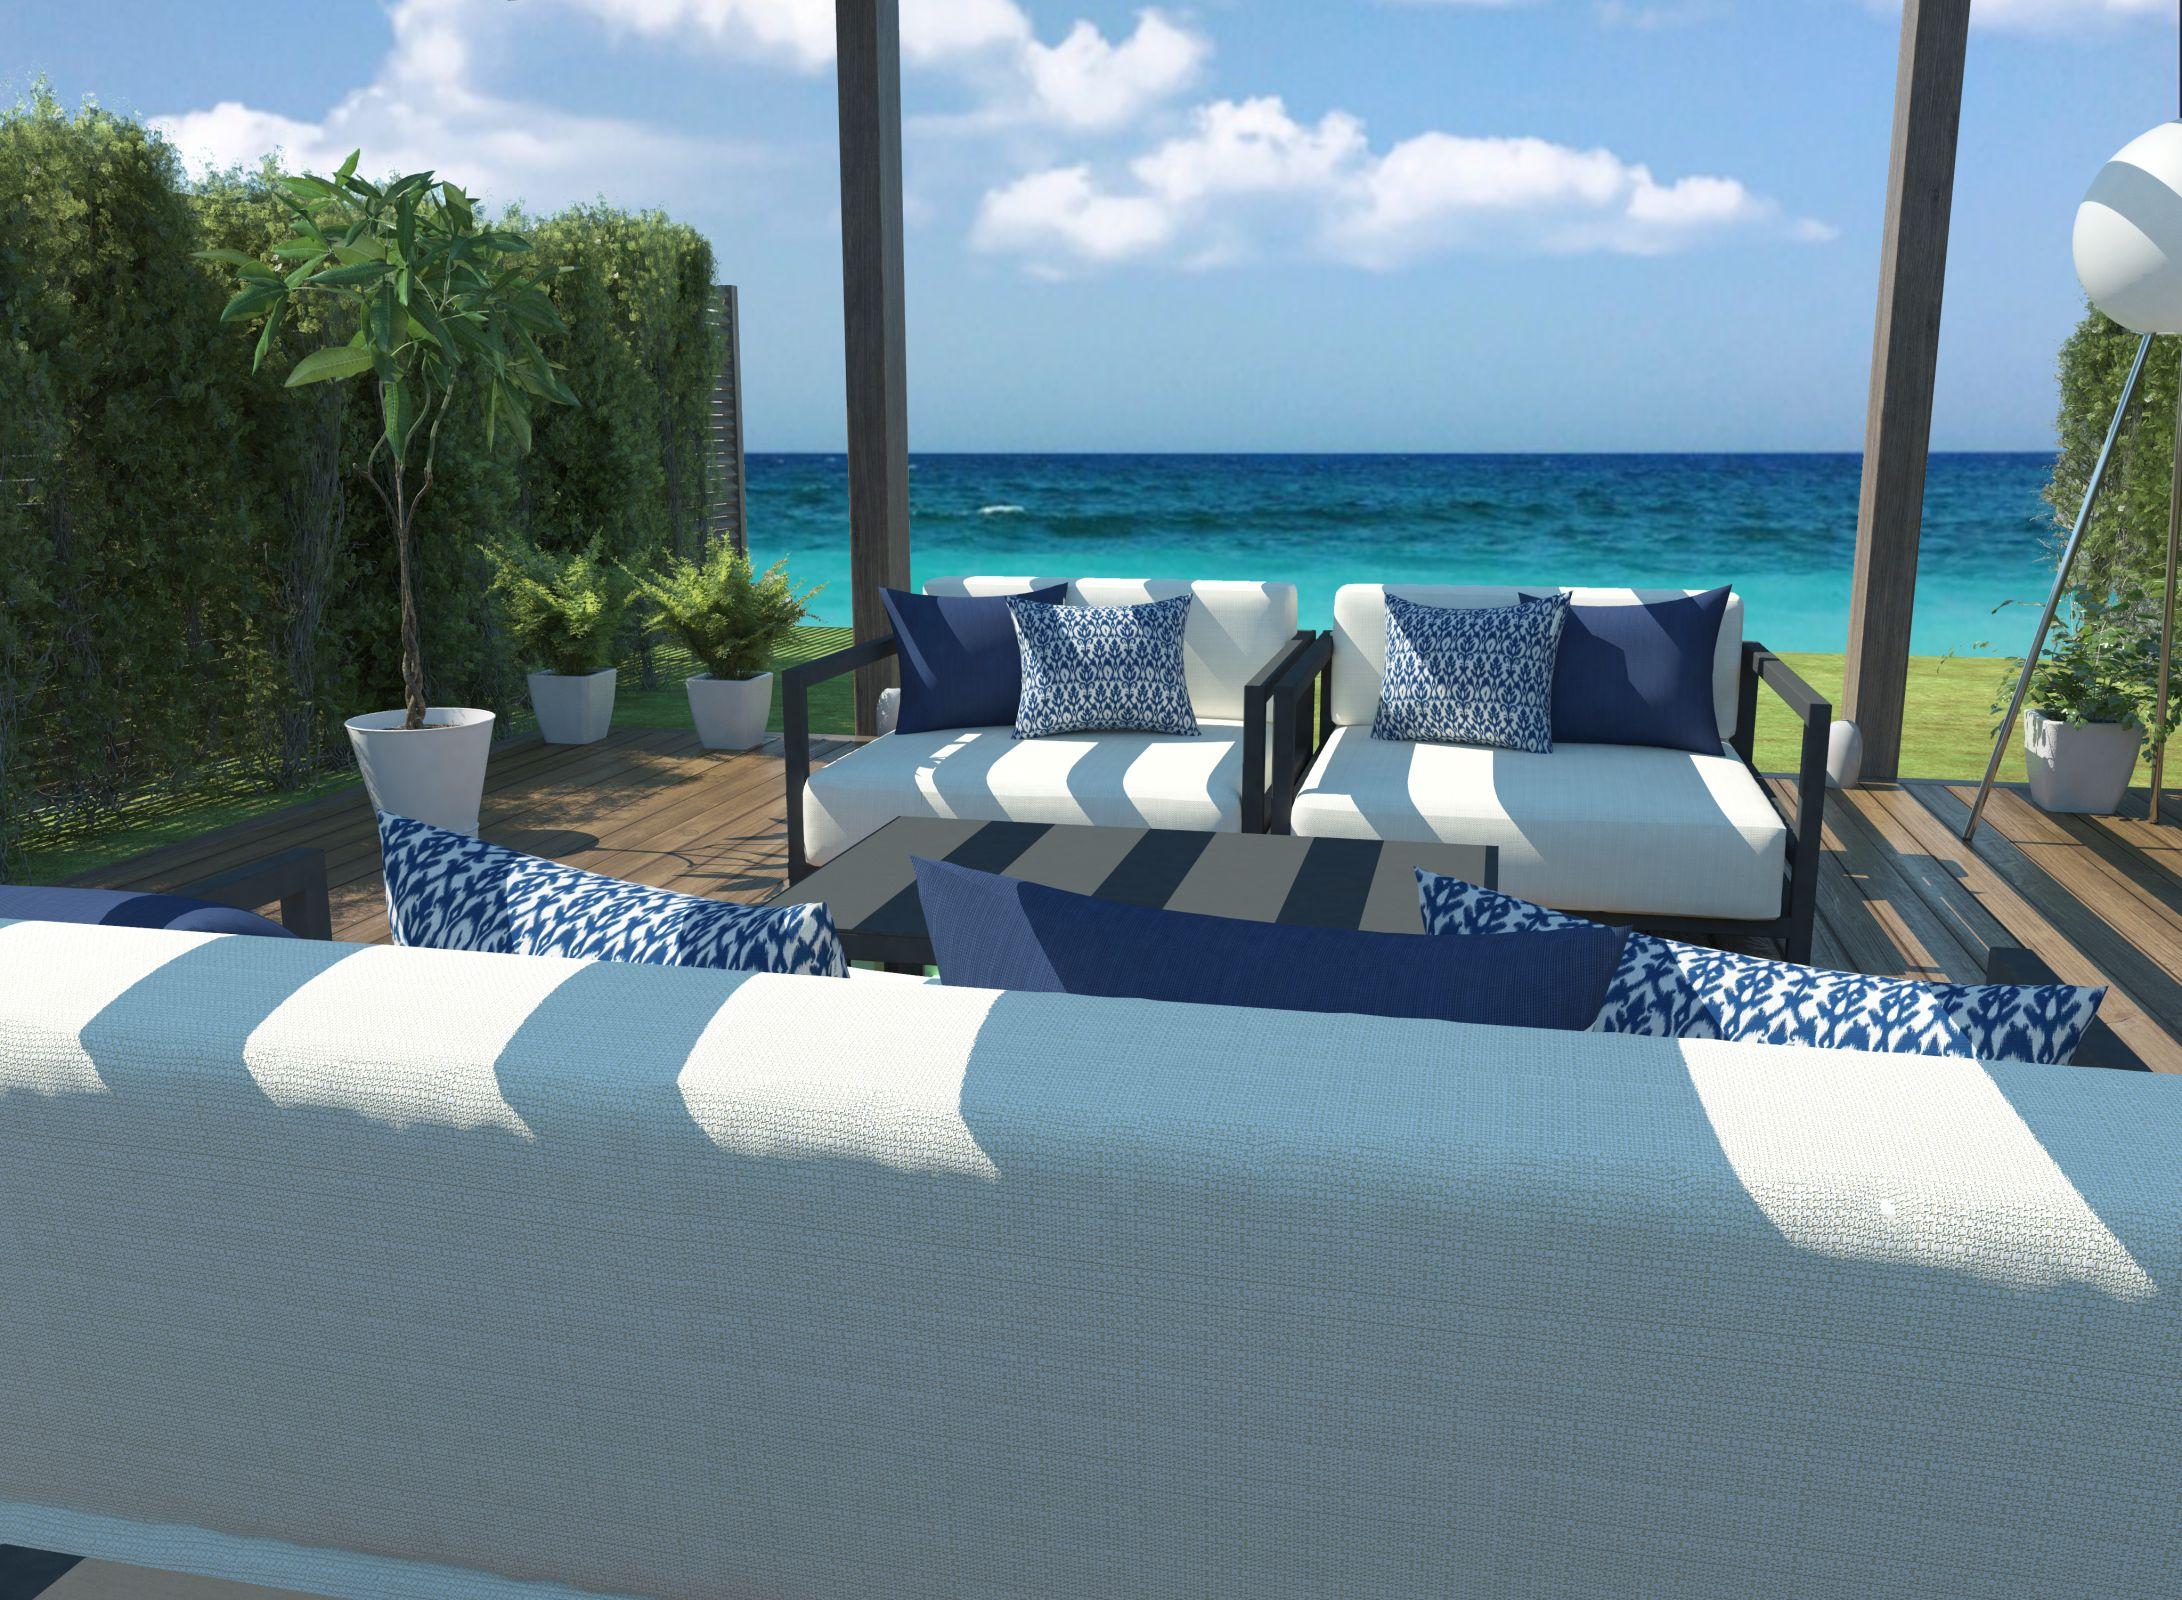 Altesano Resort kolekcija - sjedece garniture - vrtni namjestaj za terase, hotele i ugostiteljstvo